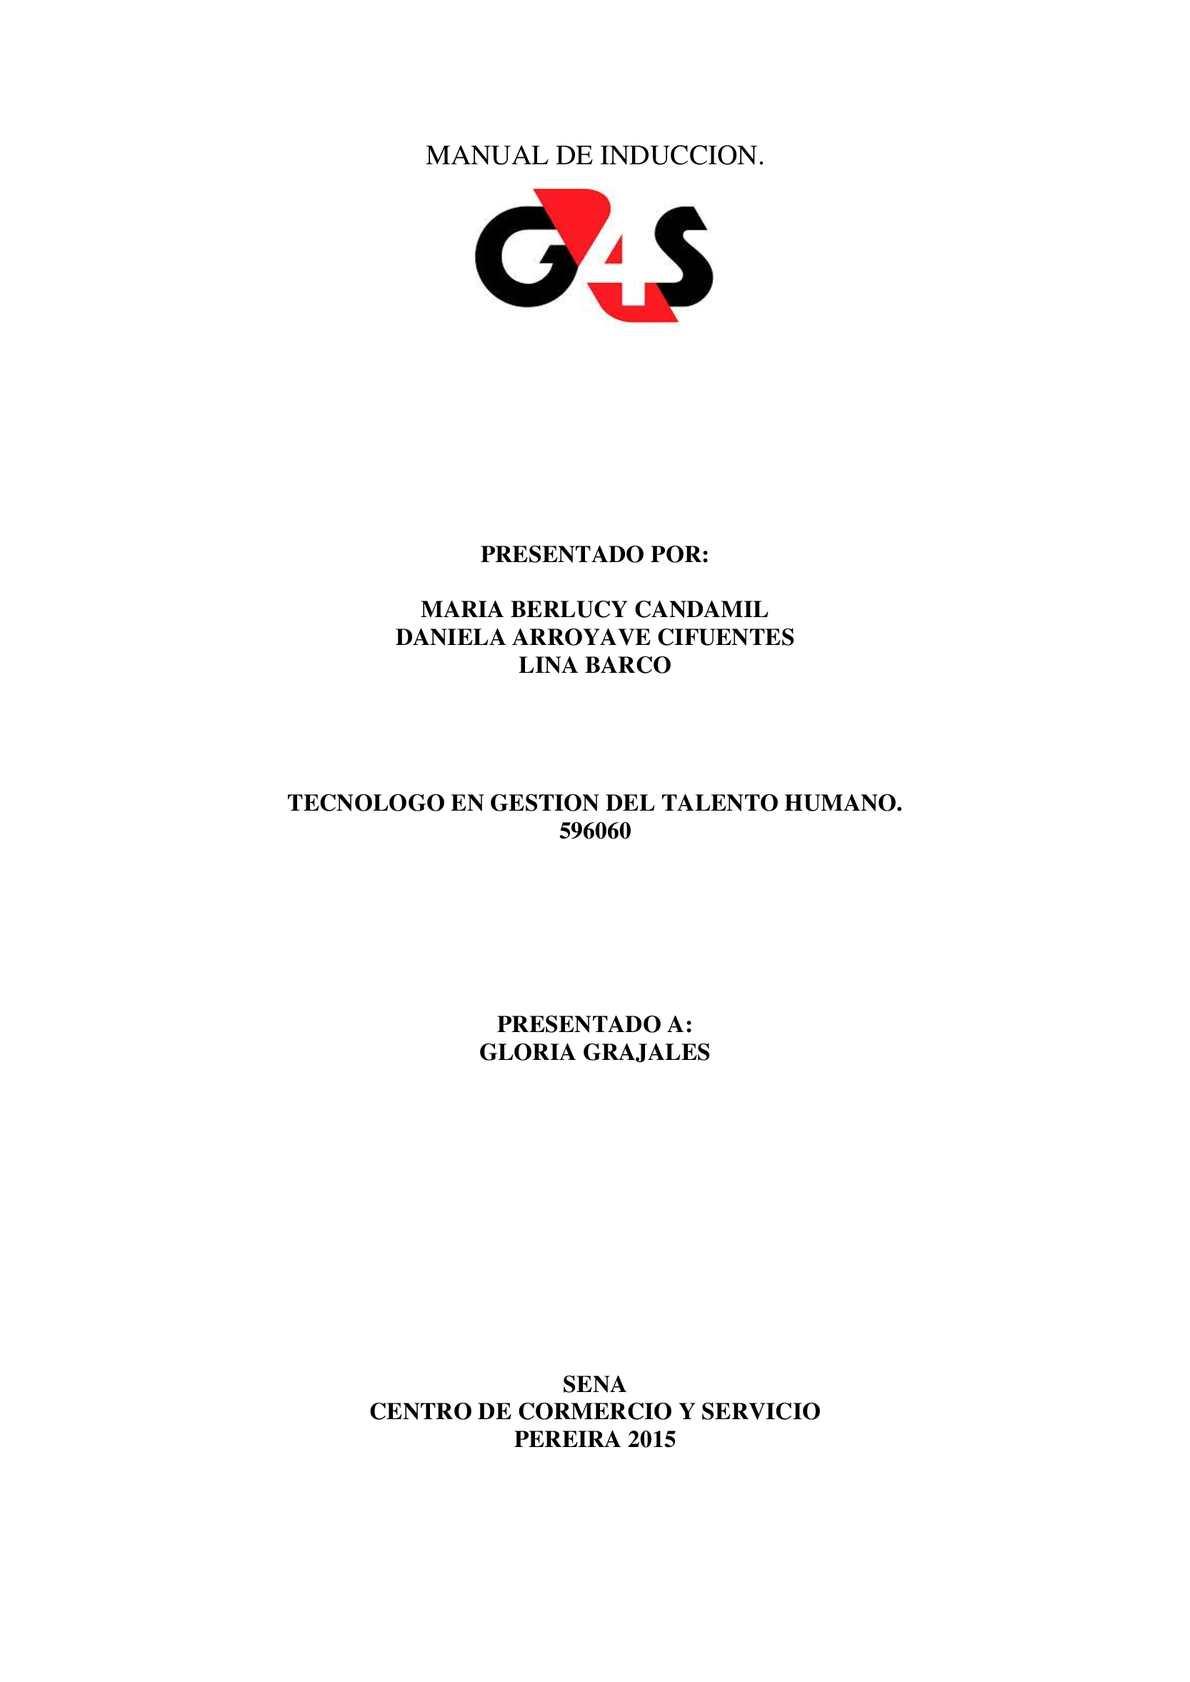 Calamo  Manual De Induccion De La Empresa G4s